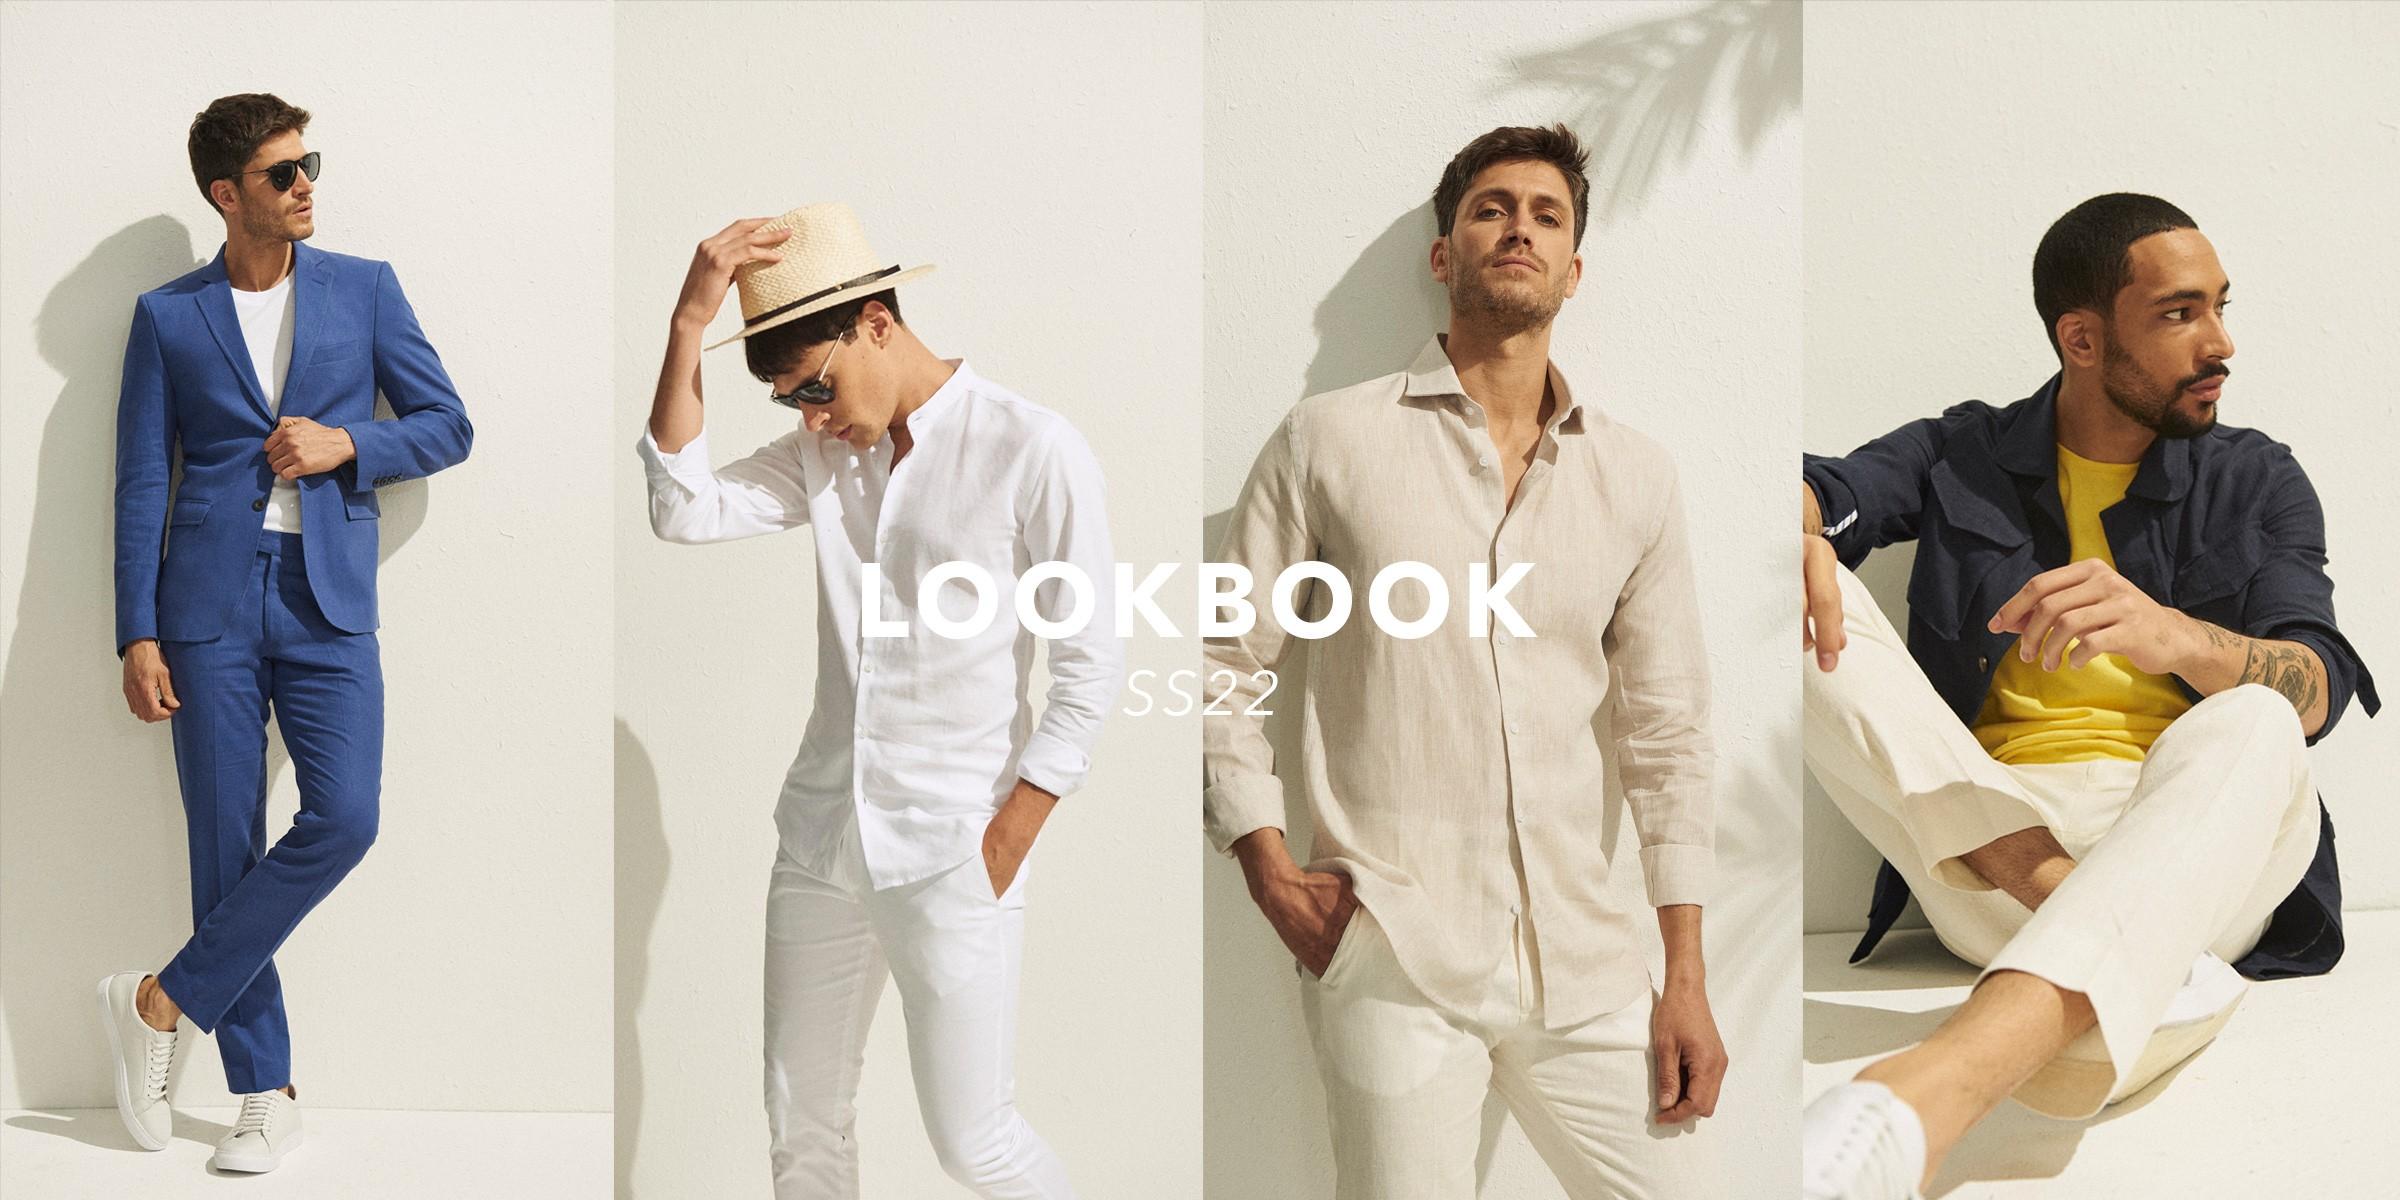 Lookbook SS22